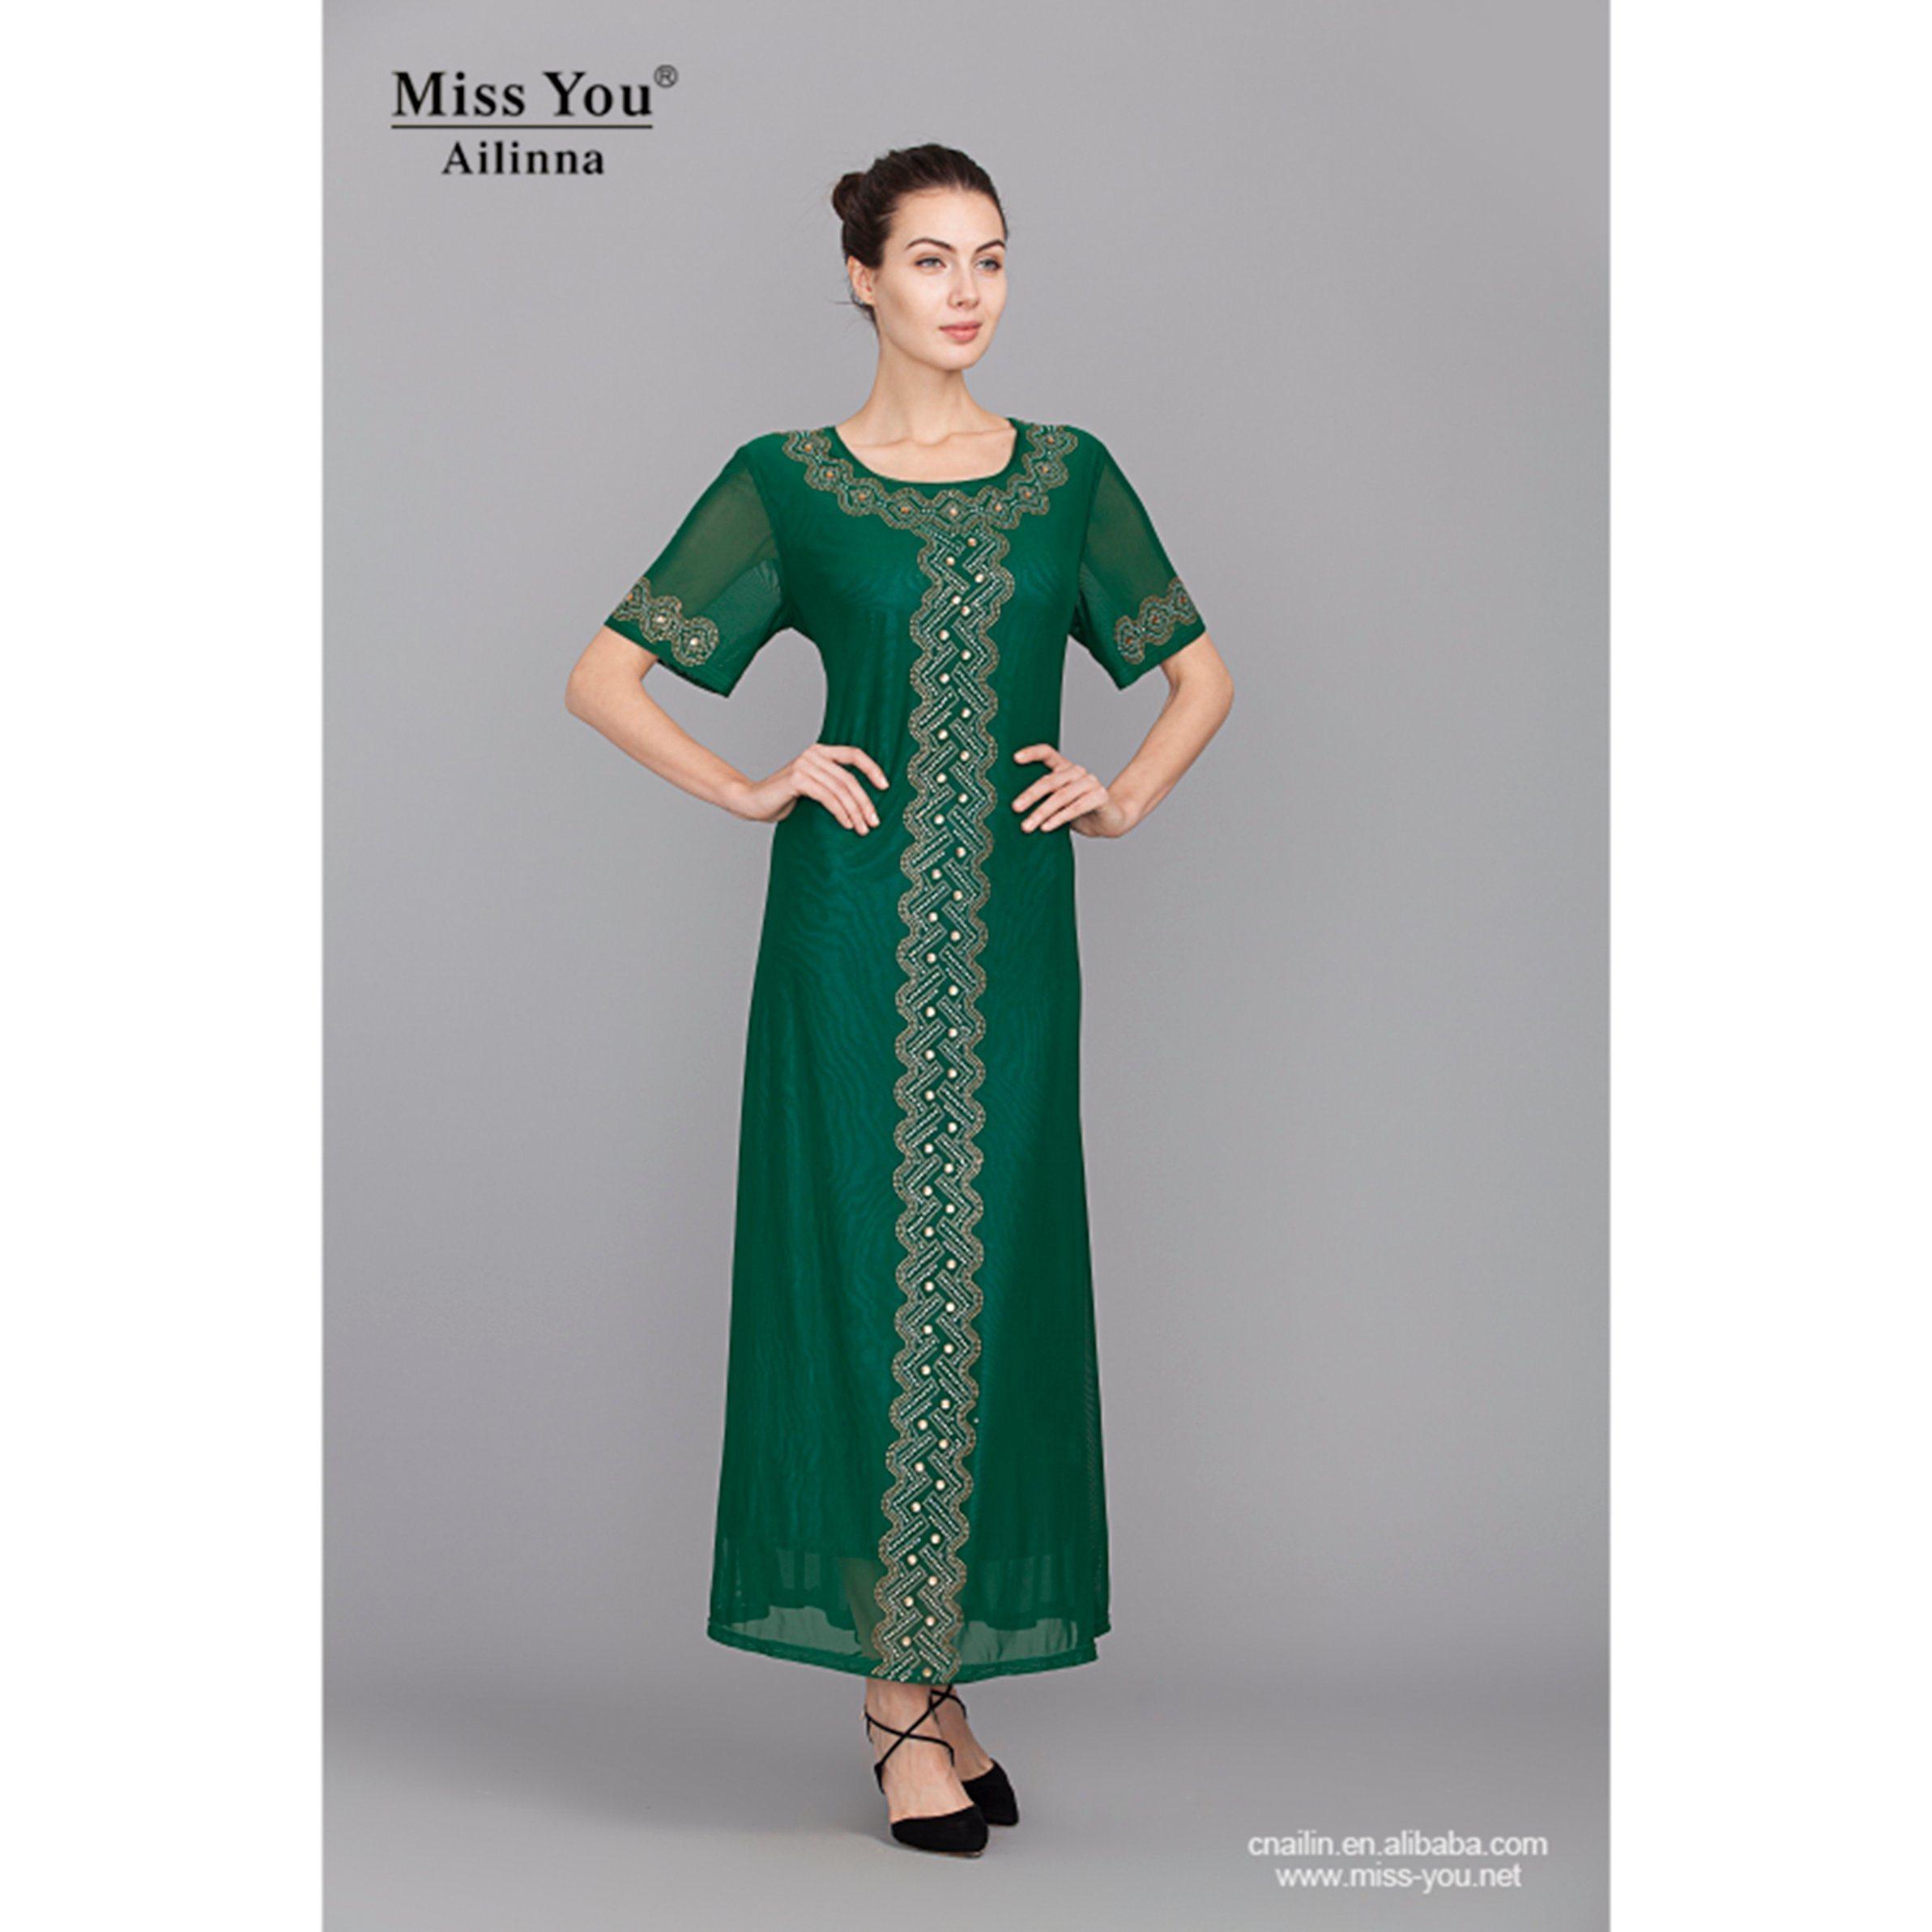 Miss You Ailinna 305167 OEM Elegant Ladies Maxi Dress Green Cool Dress